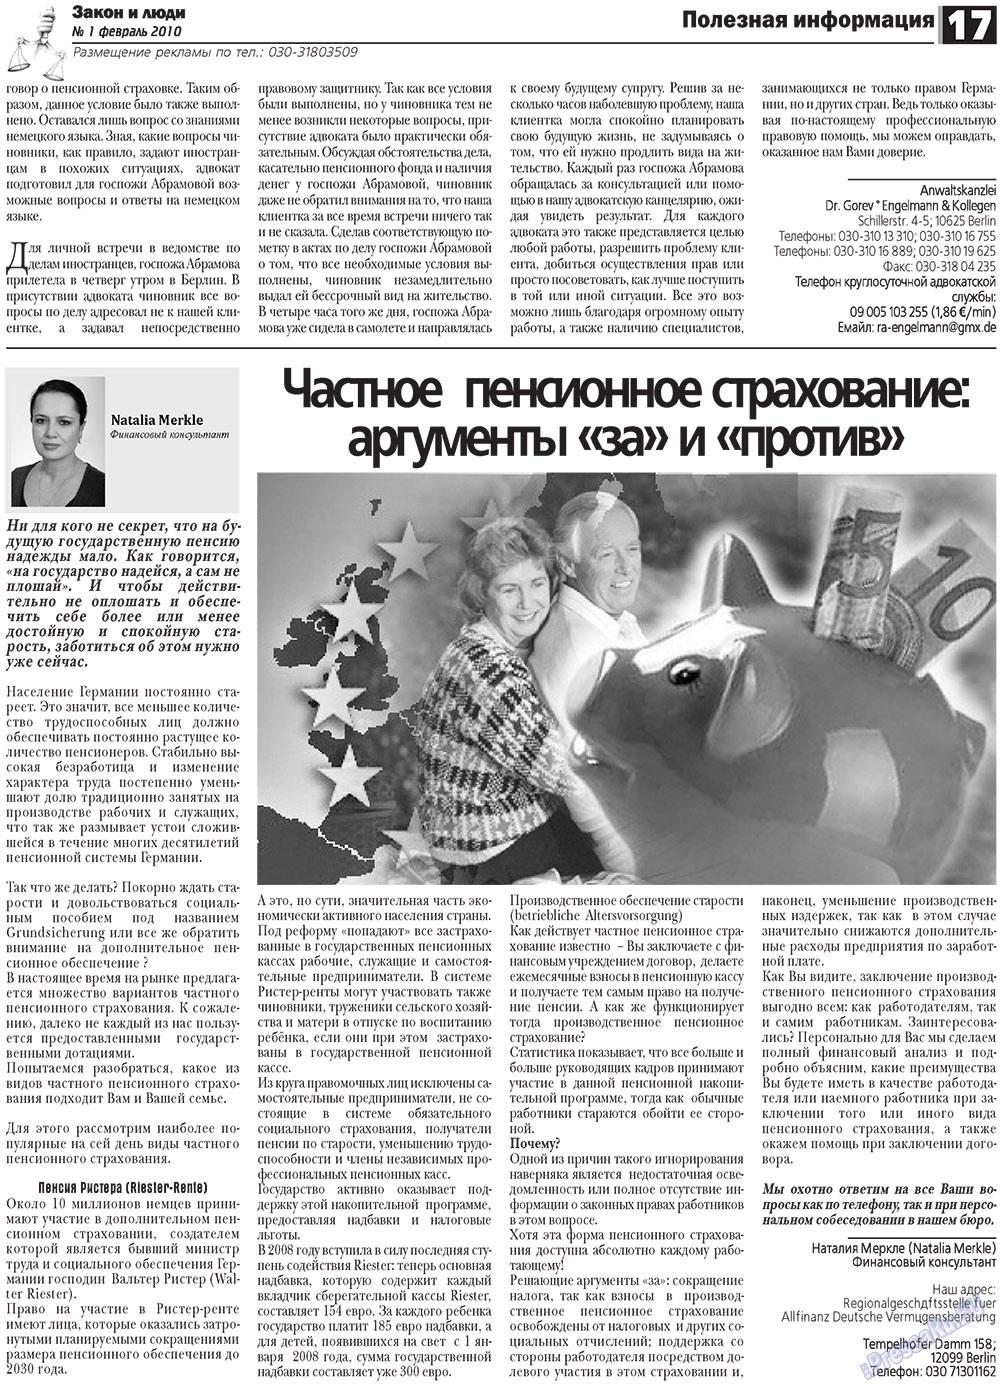 Закон и люди (газета). 2010 год, номер 1, стр. 17